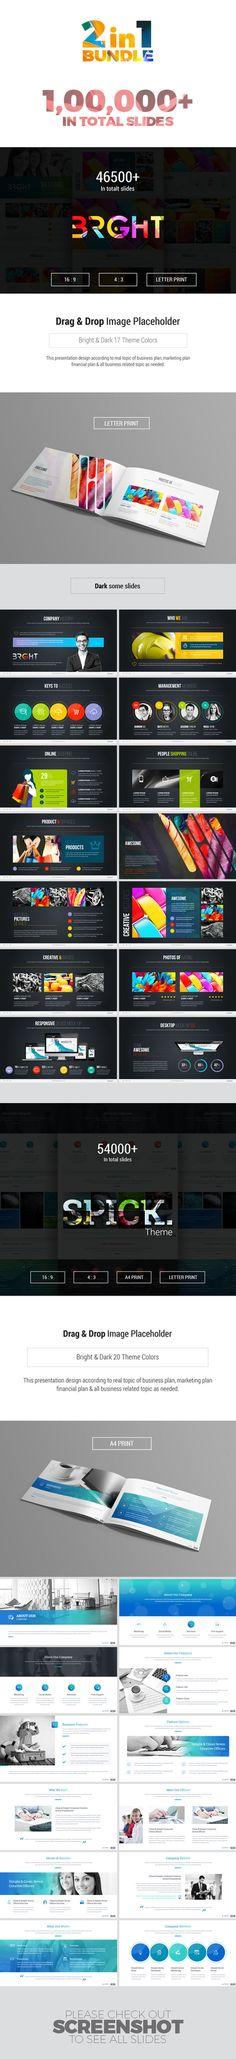 Powerpoint Template Bundle - 227+ Unique Custom Slides